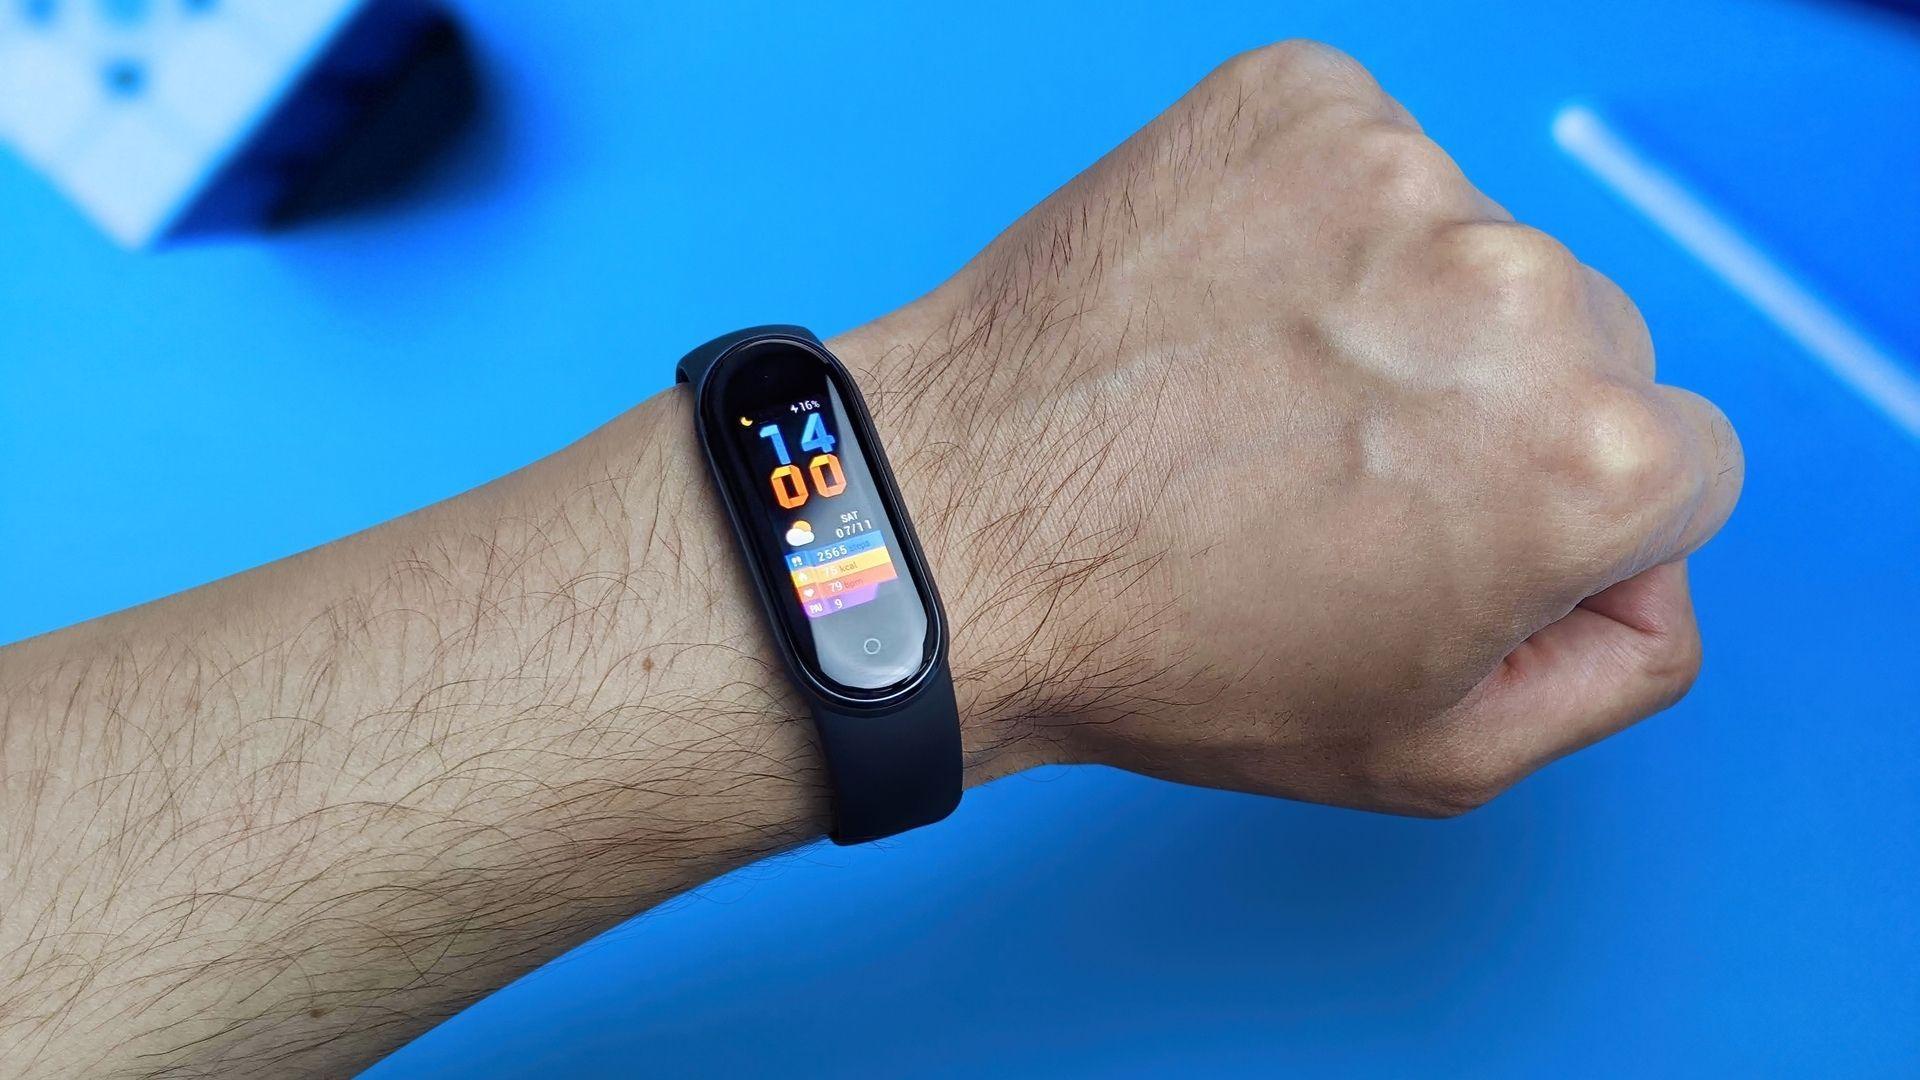 Conheça as smartbands mais vendidas em março (Foto: Mr.Mikla / Shutterstock)